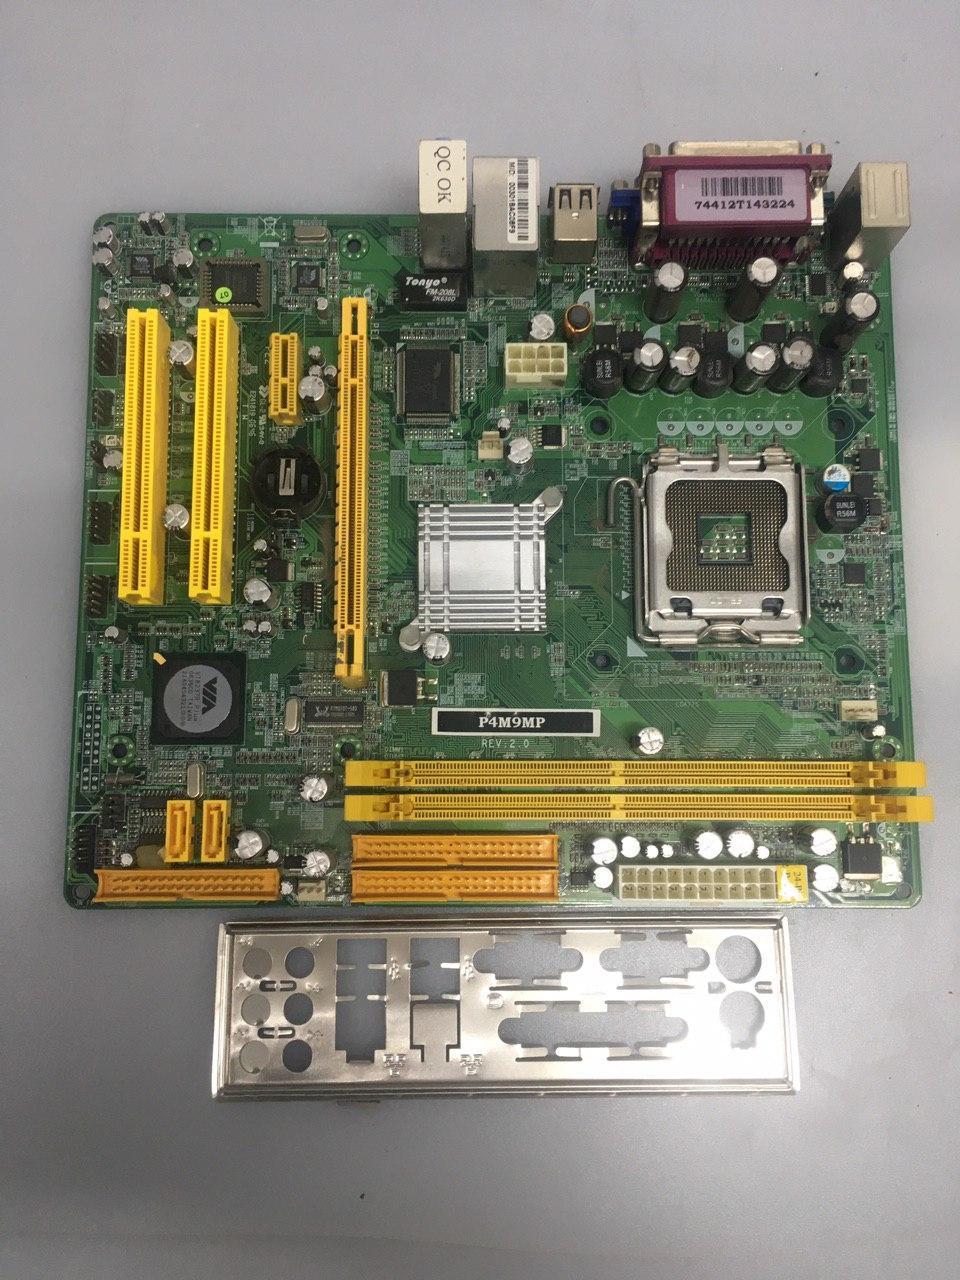 Материнская плата LGA775 Jetway P4M9MP с видеокартой S3 Graphics UniChrome Pro